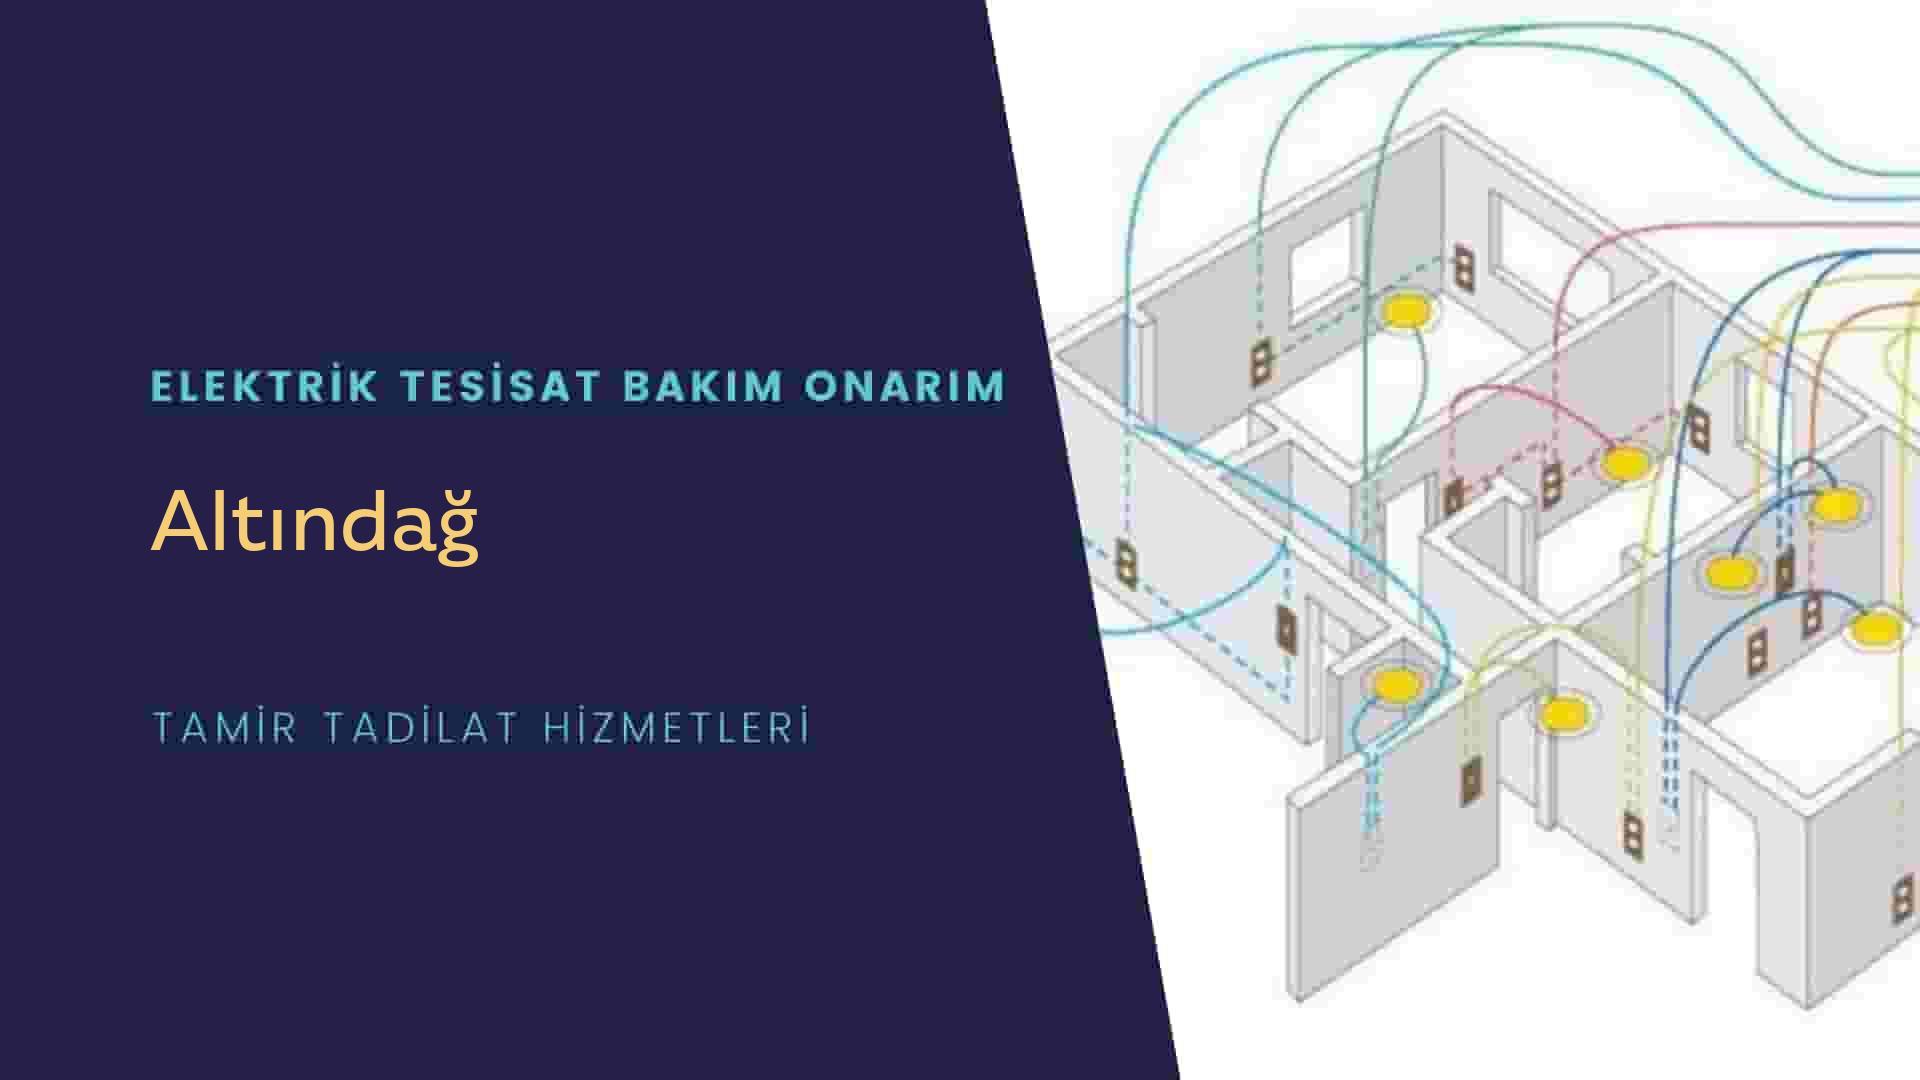 Altındağ'da elektrik tesisatıustalarımı arıyorsunuz doğru adrestenizi Altındağ elektrik tesisatı ustalarımız 7/24 sizlere hizmet vermekten mutluluk duyar.